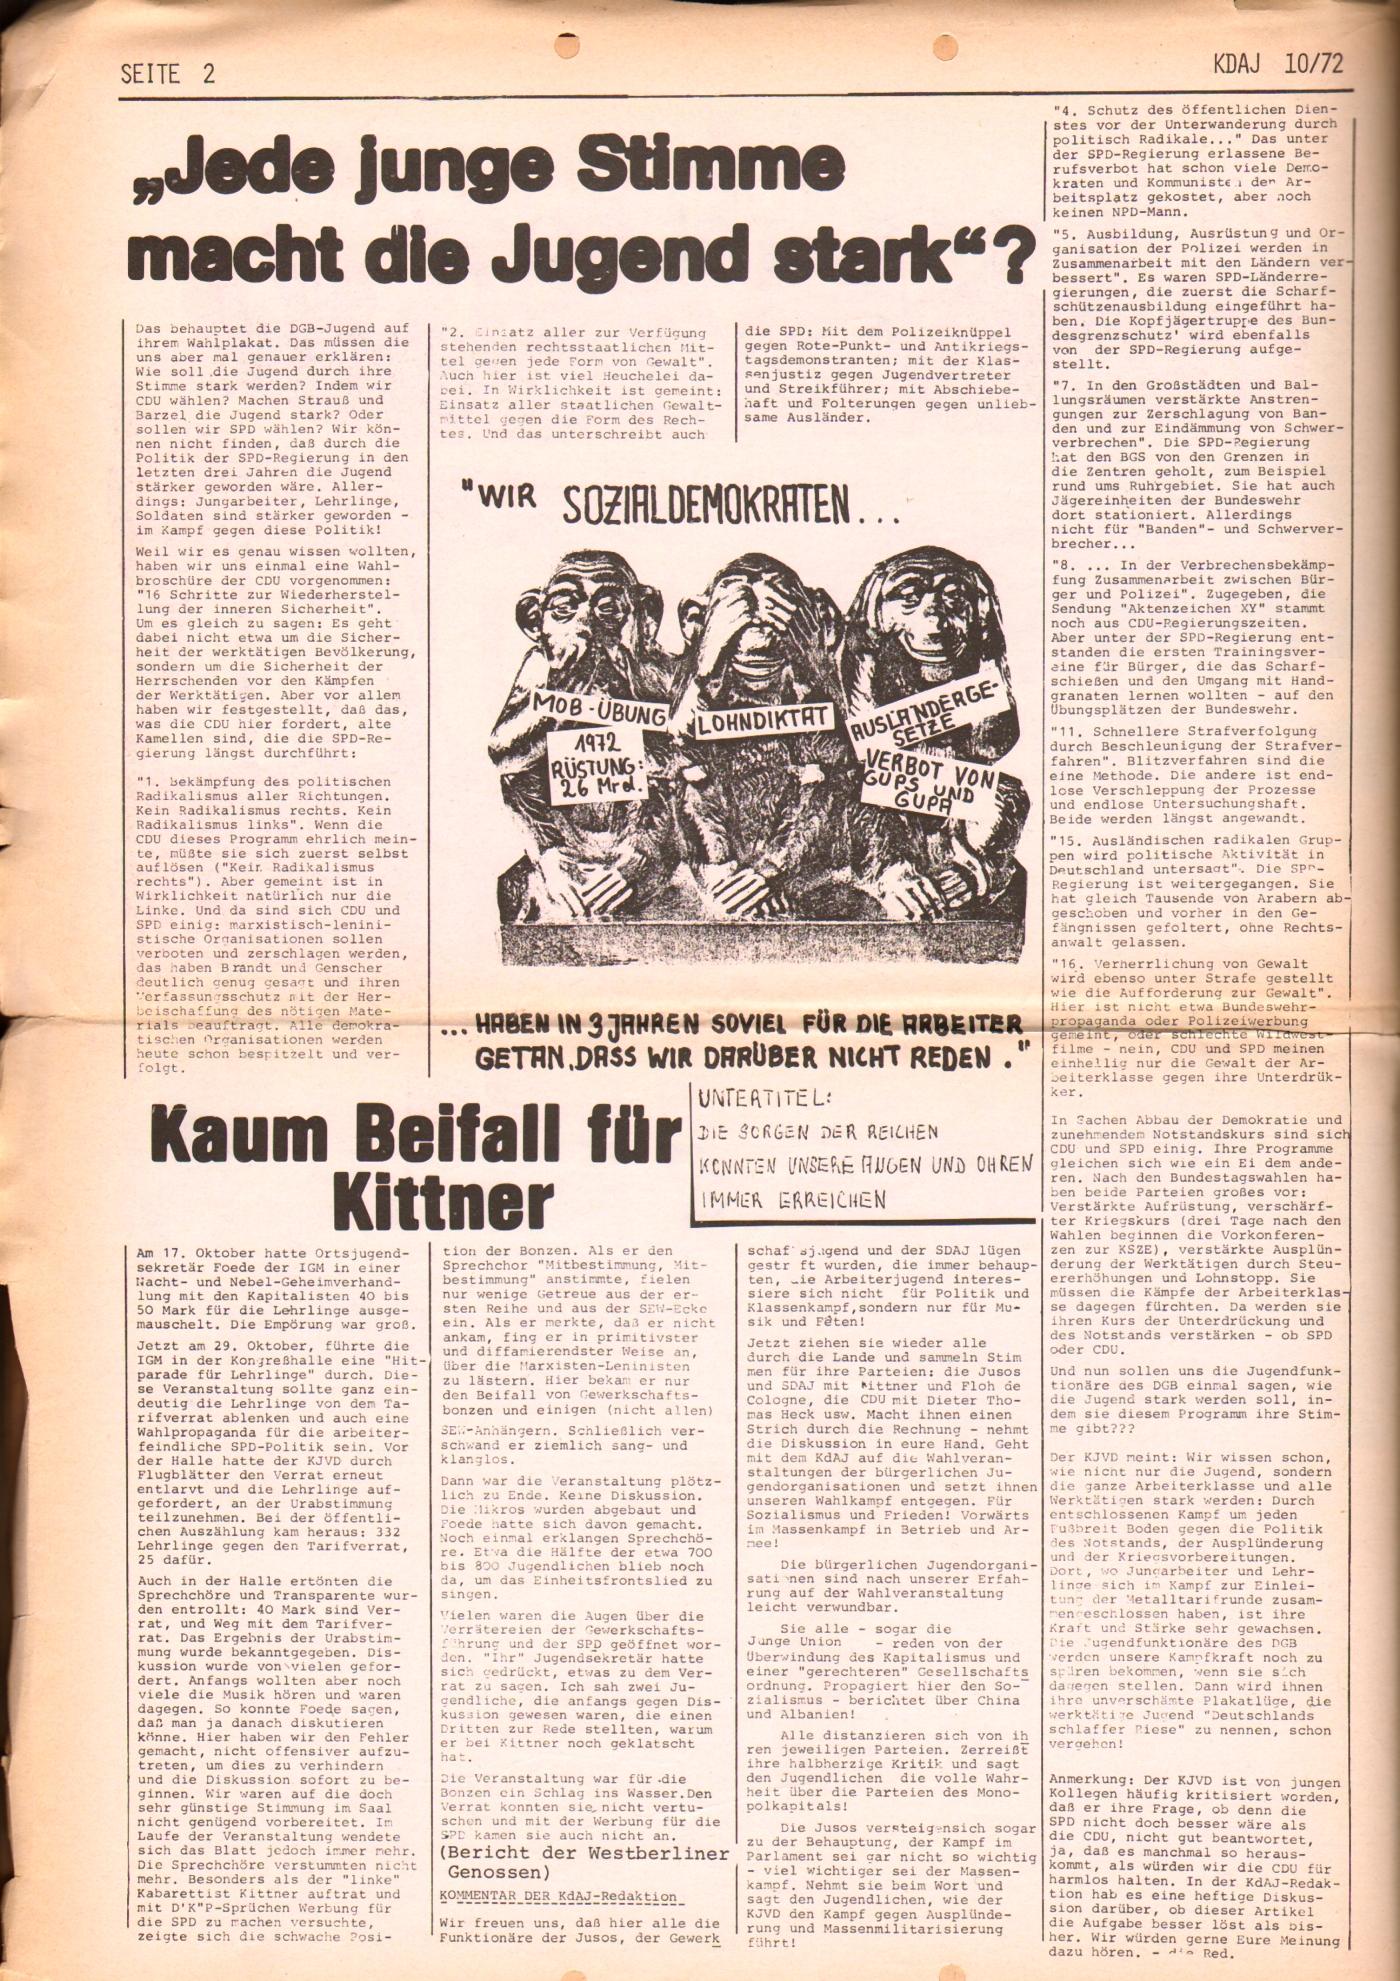 KDAJ, 3. Jg., November 1972, Nr. 10, Seite 2